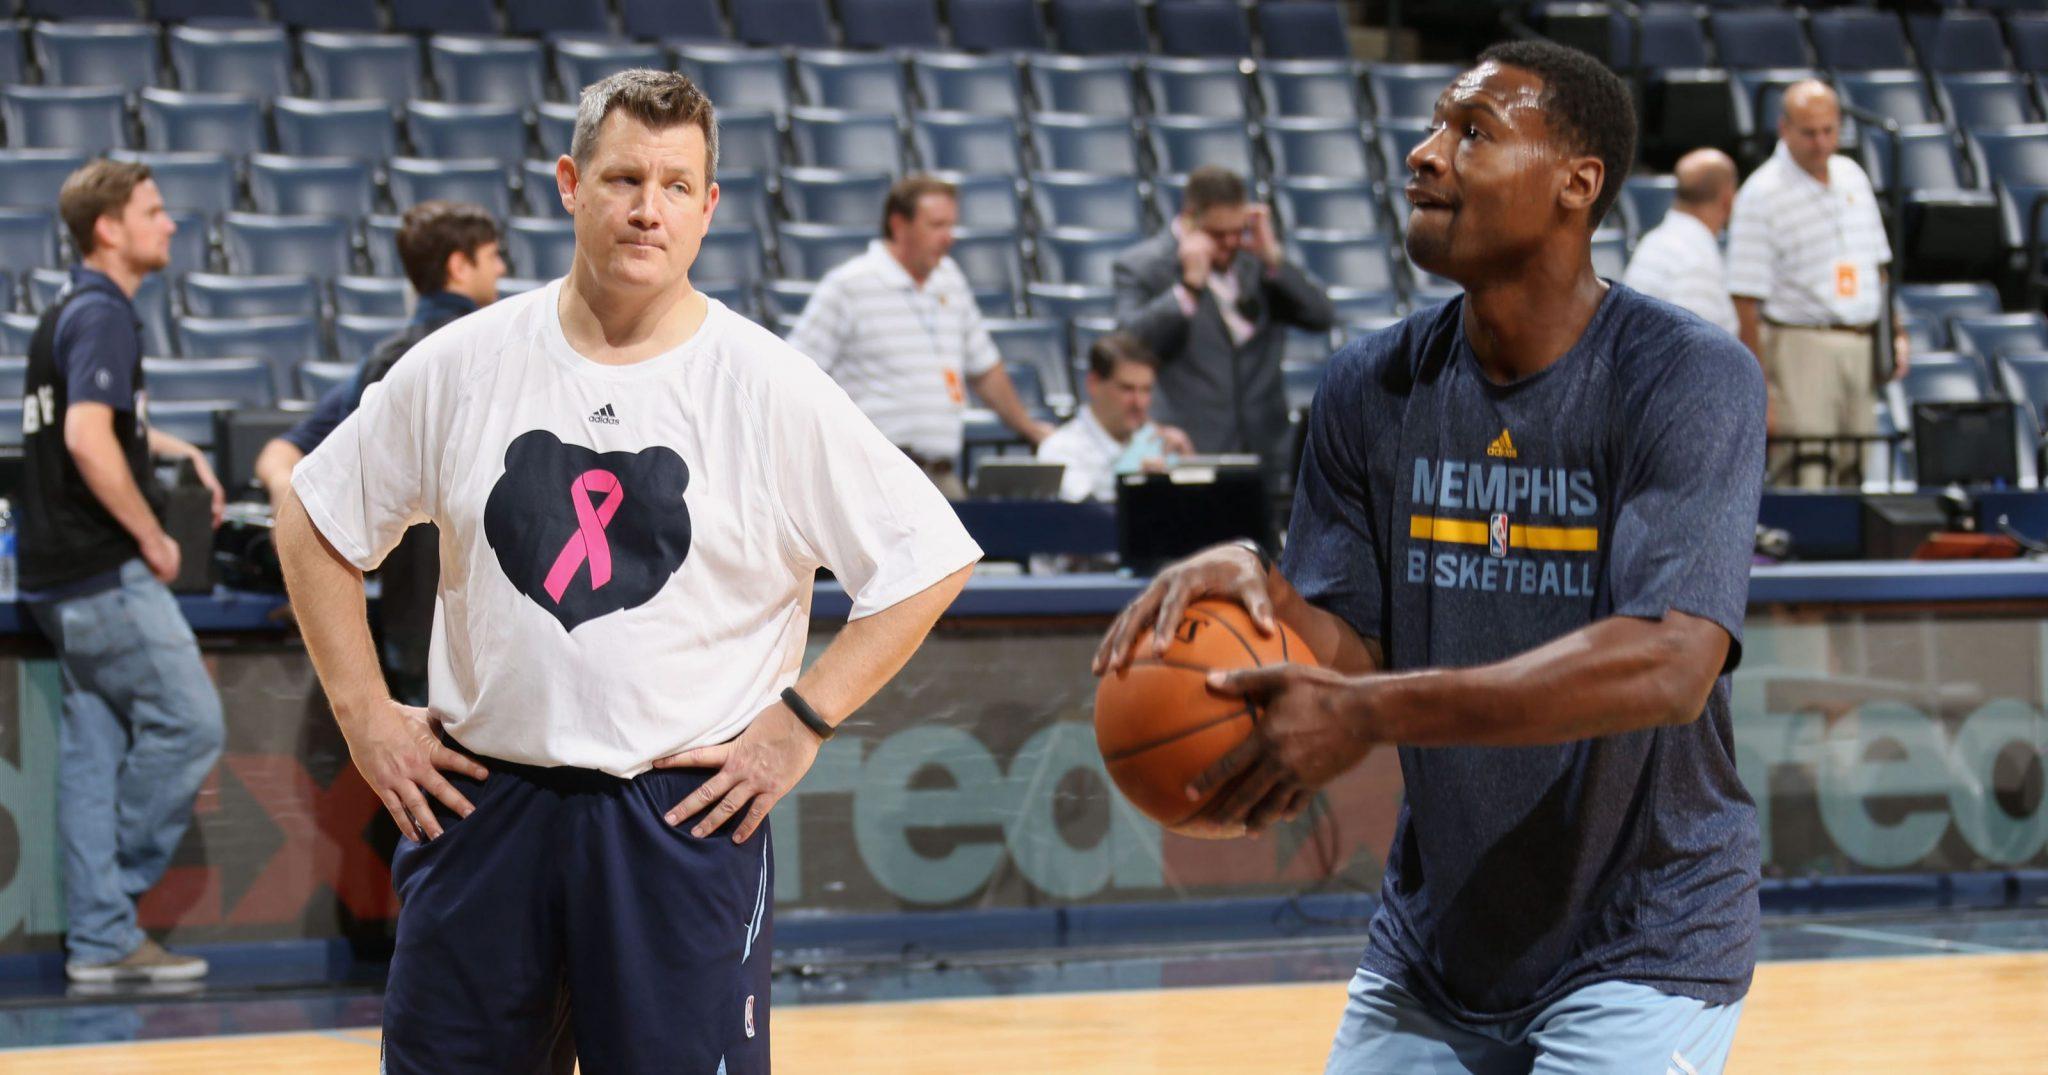 Uno de los entrenadores de tiro más prestigiosos de la NBA llega a España